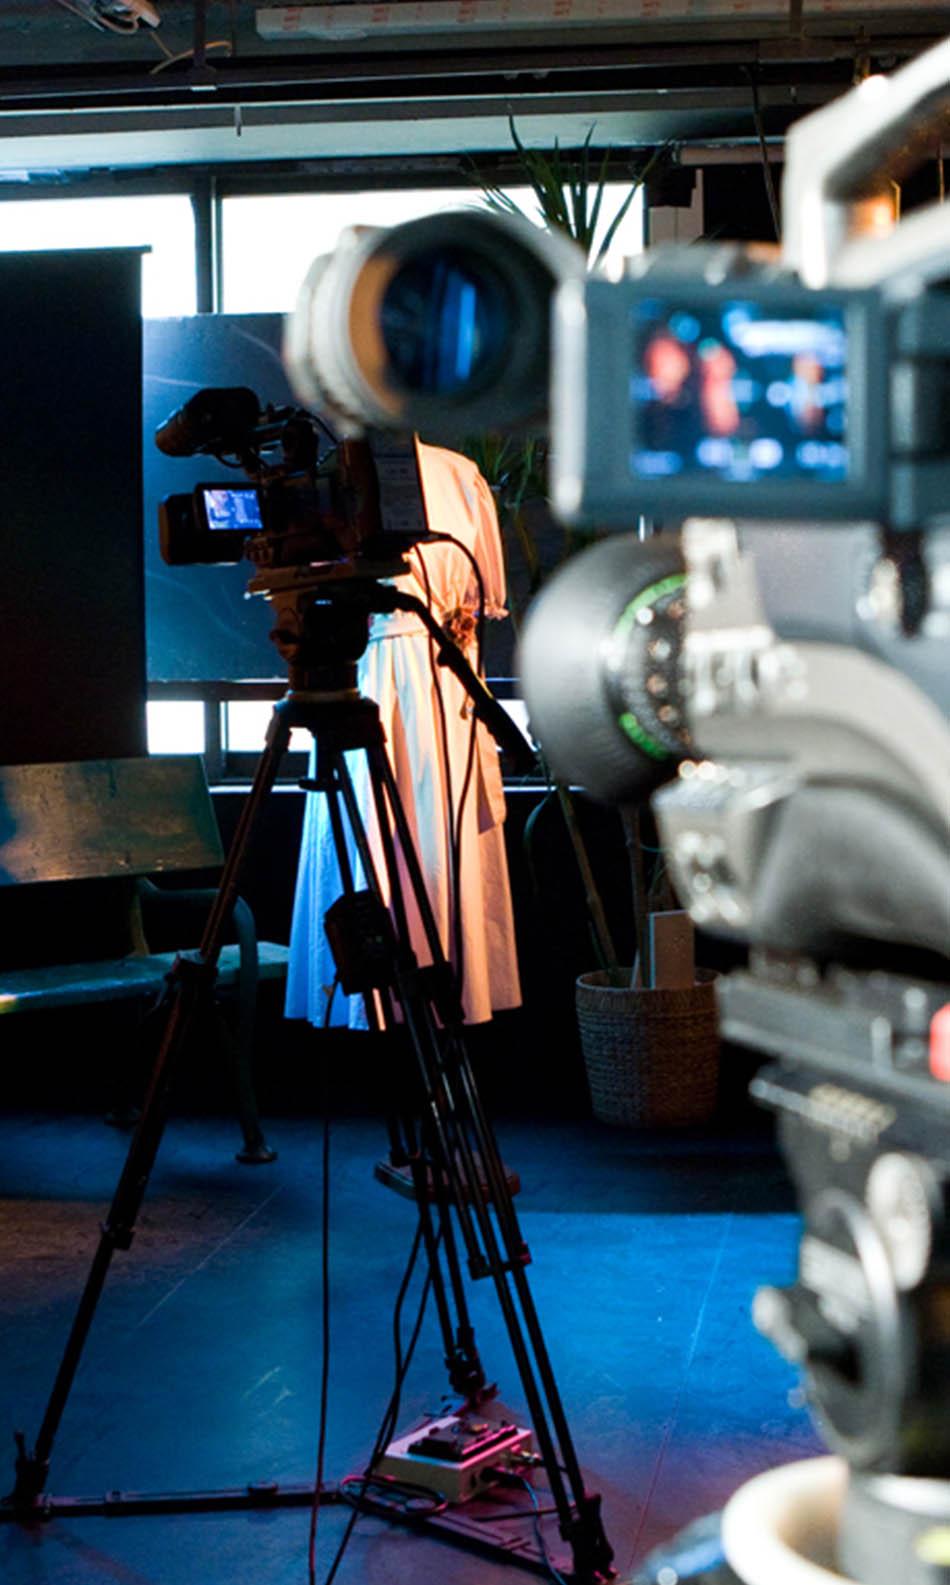 ΙΕΚ ΑΚΜΗ: Εργαστήριο Σκηνοθεσίας